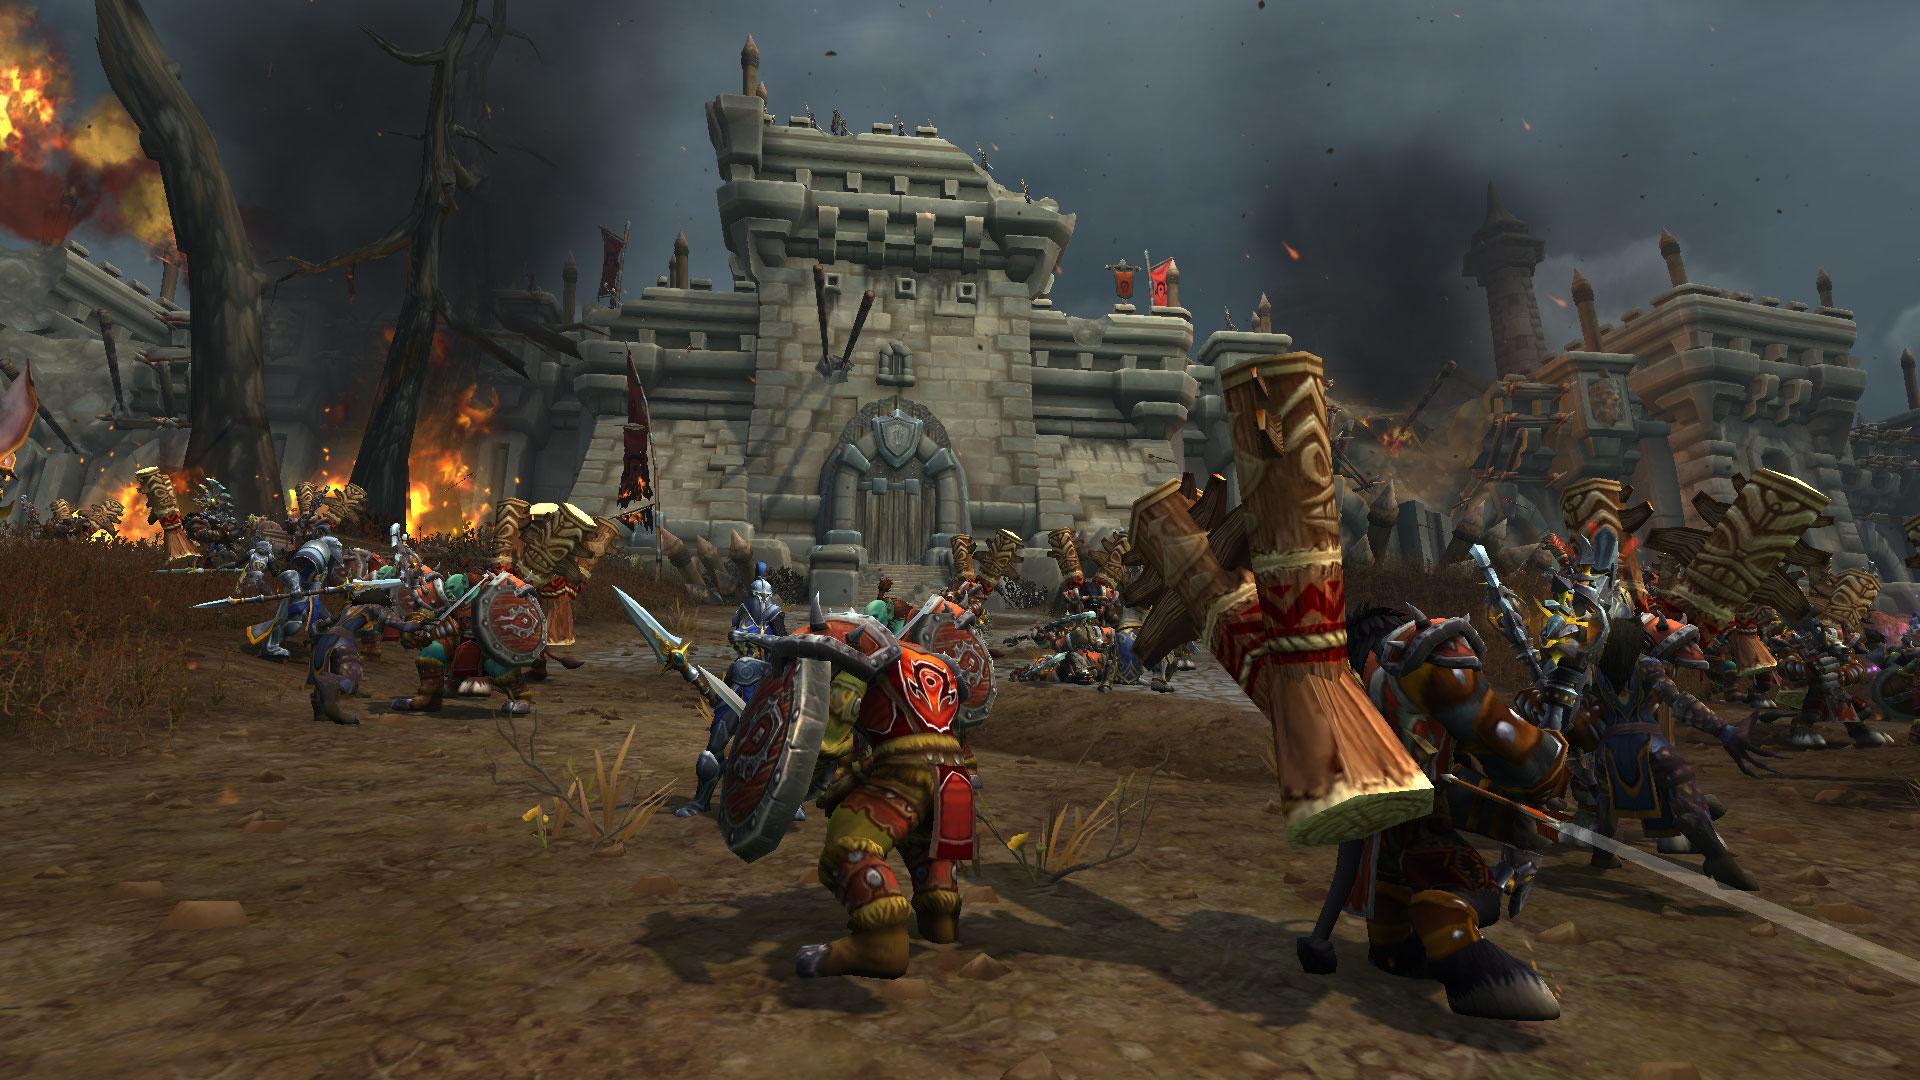 Bataille de Lordaeron